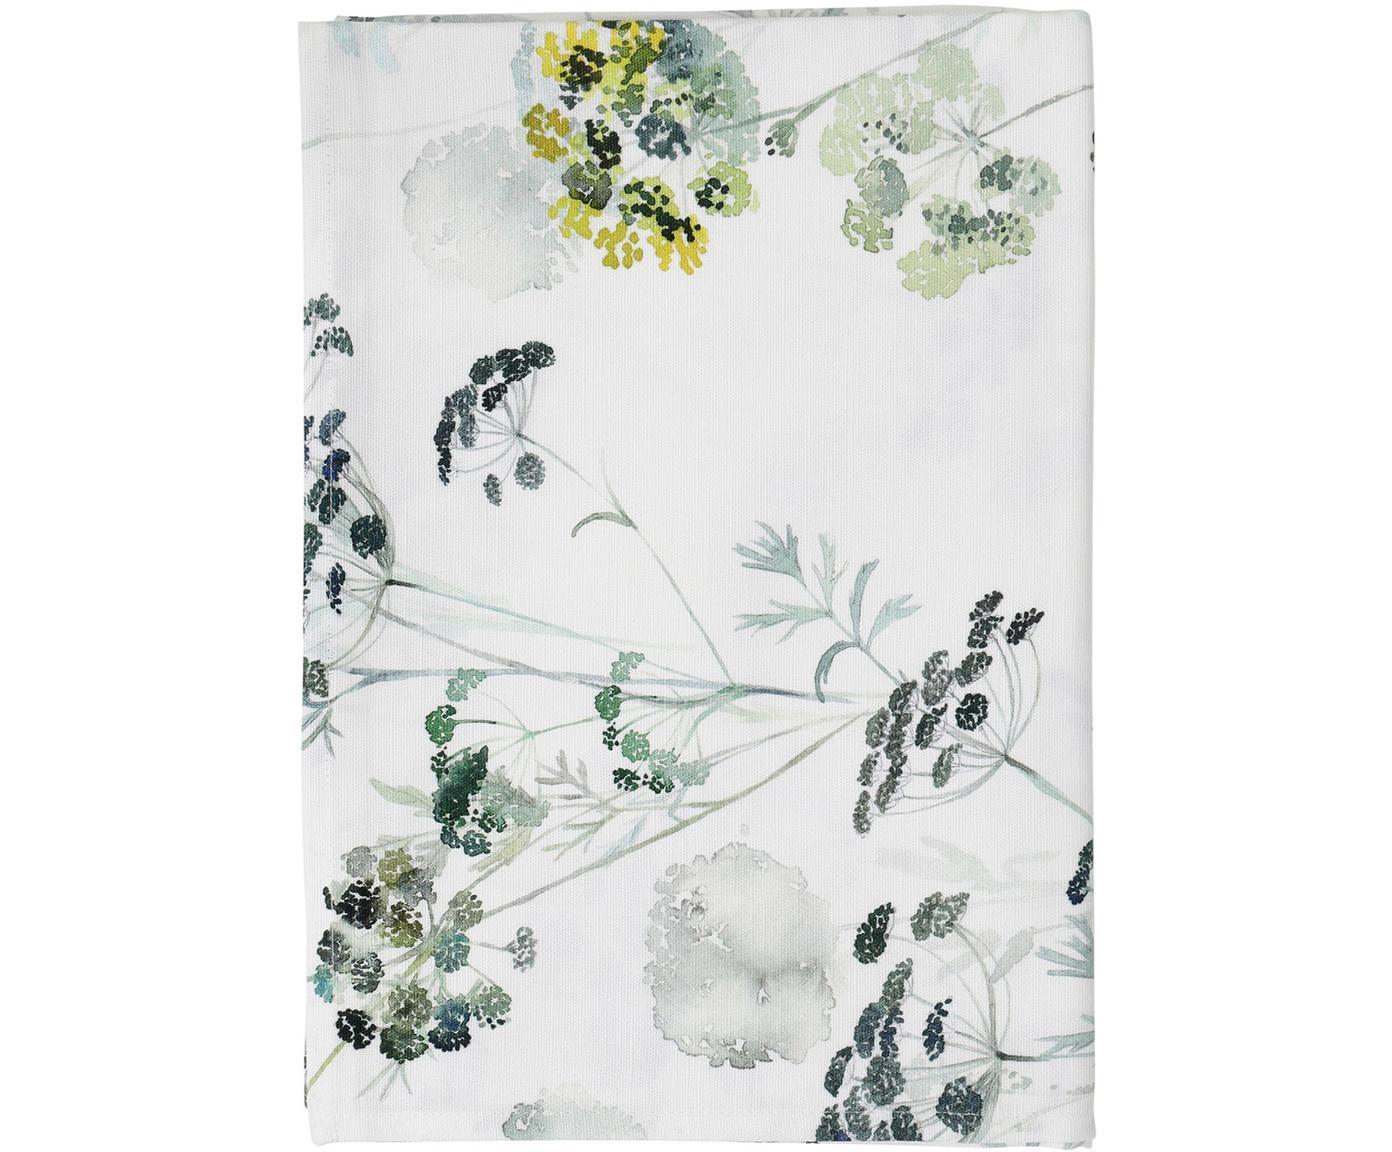 Tischdecke Herbier, Baumwolle, Weiss, Grün, 160 x 160 cm